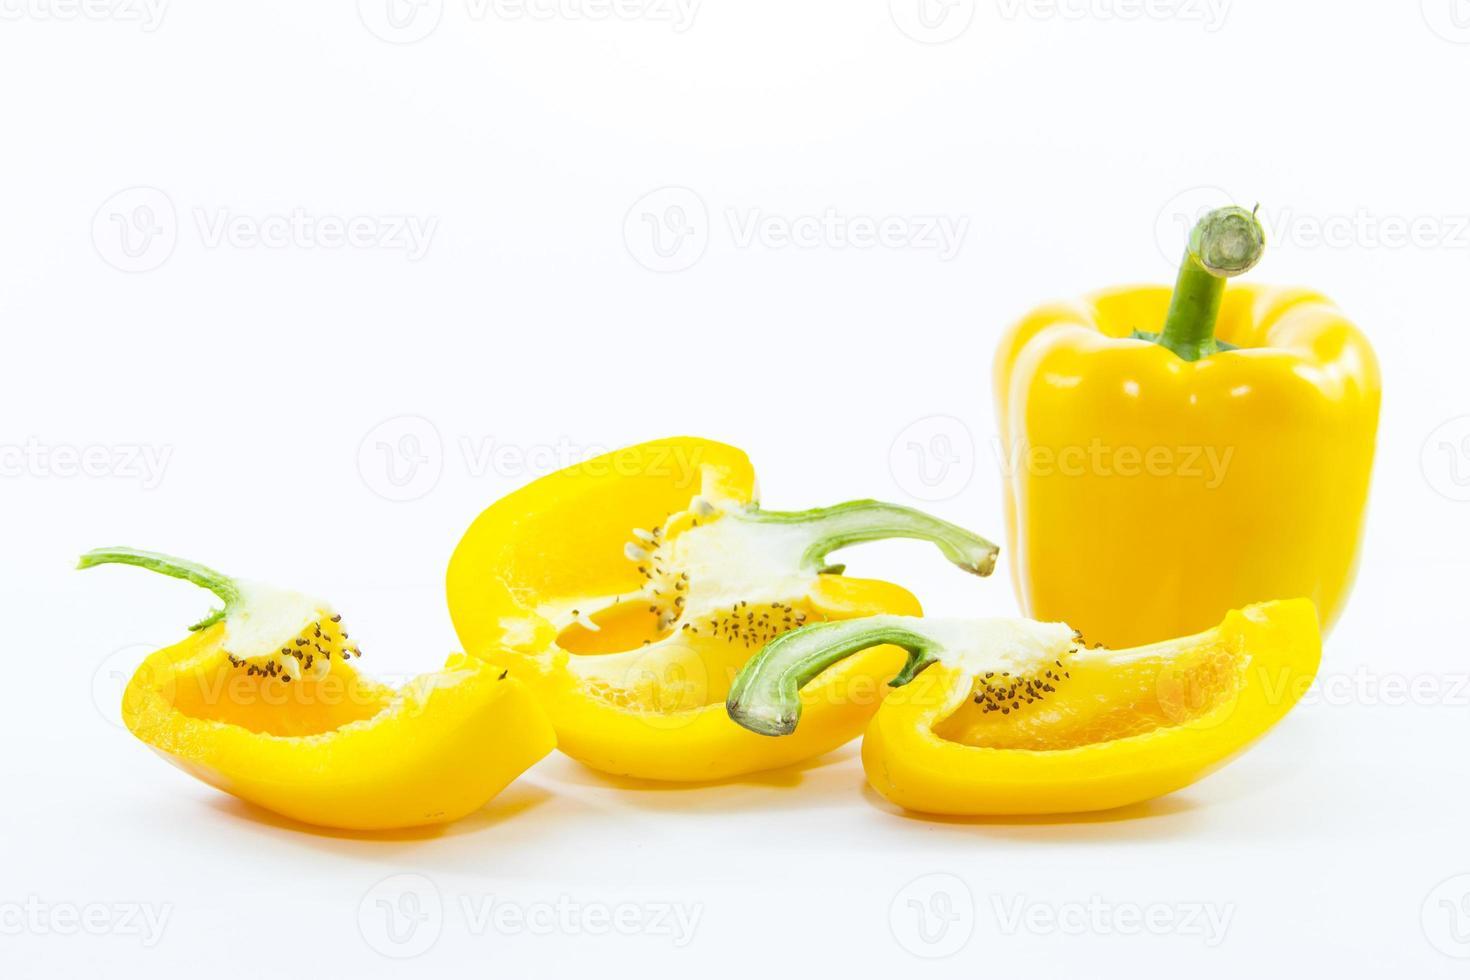 trozos de pimiento amarillo picante en rodajas con materia prima foto